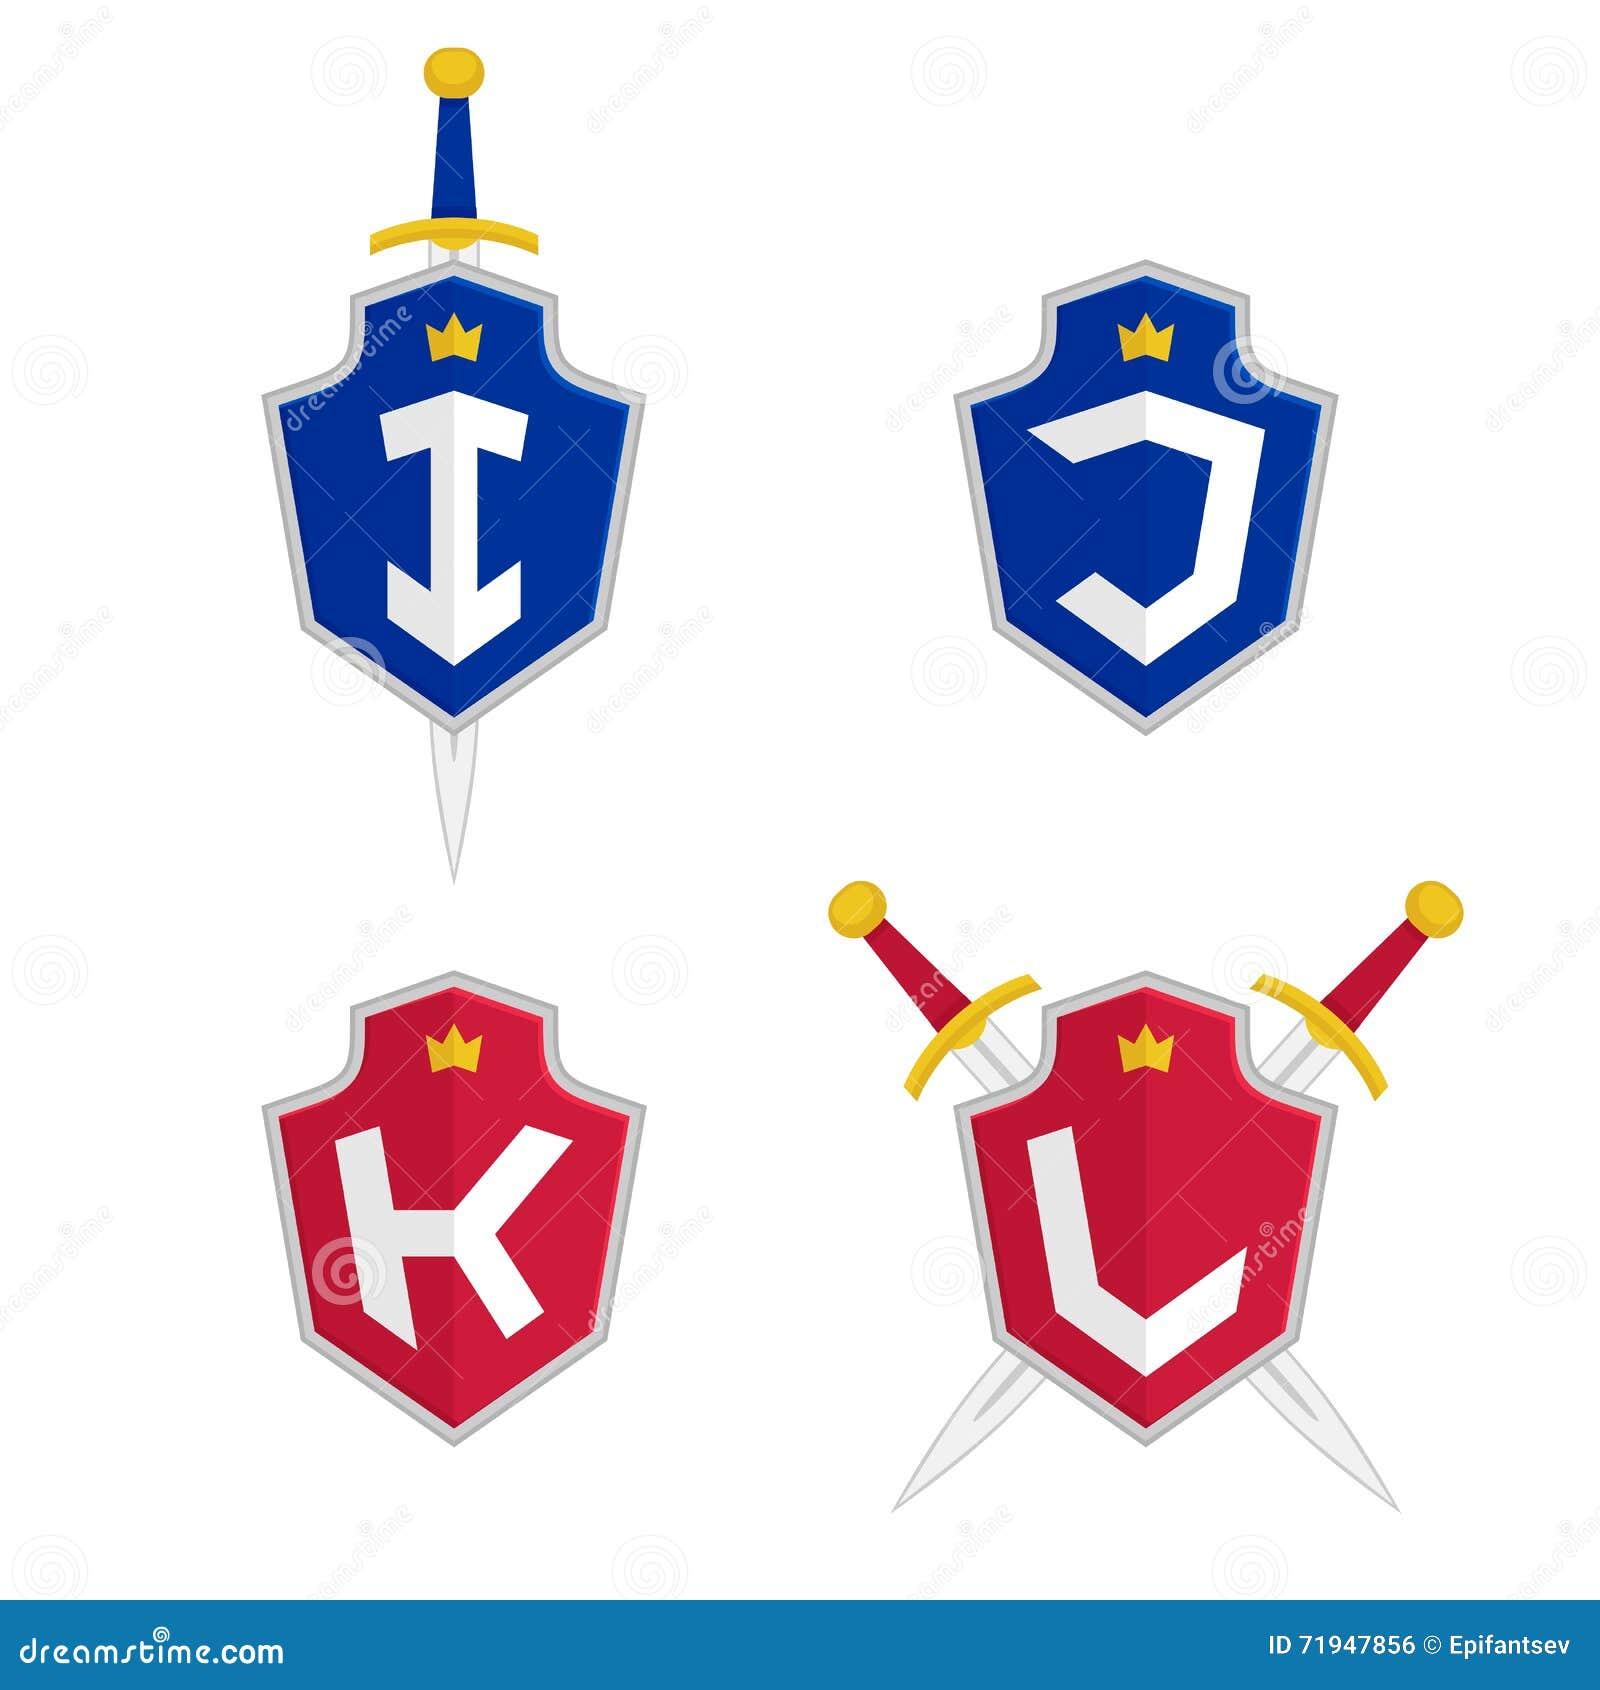 Пометьте буквами I, j, k, l шаблоны логотипа вектора Логотип письма с экраном и шпагой